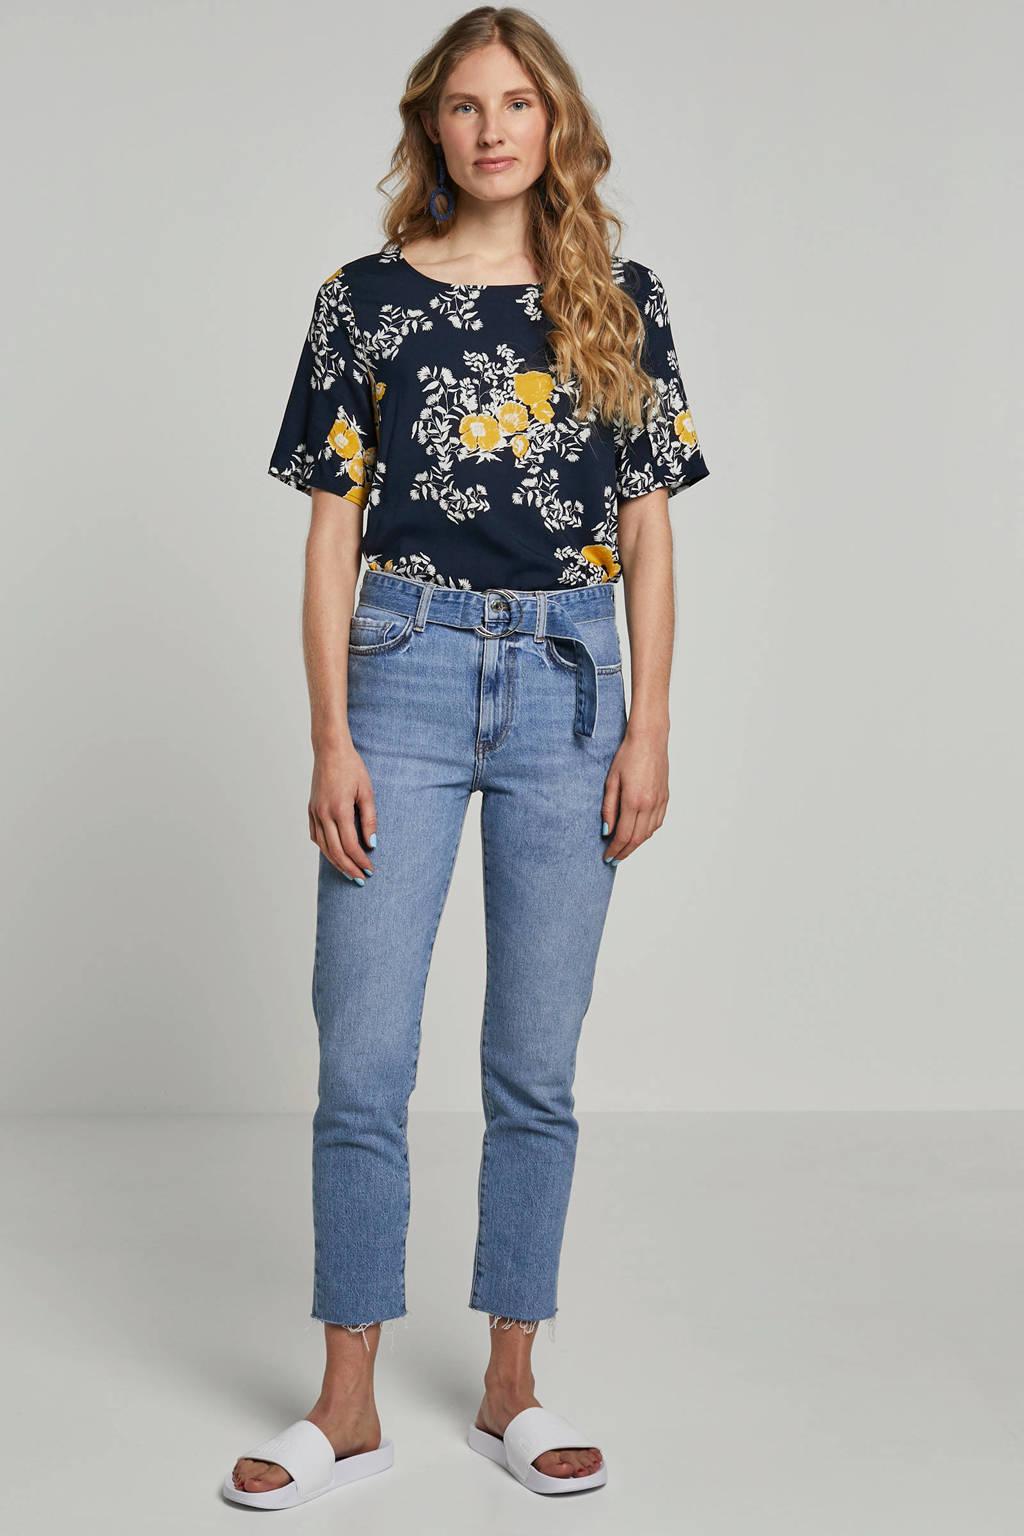 ICHI top met bloemenprint, Donkerblauw/geel/wit